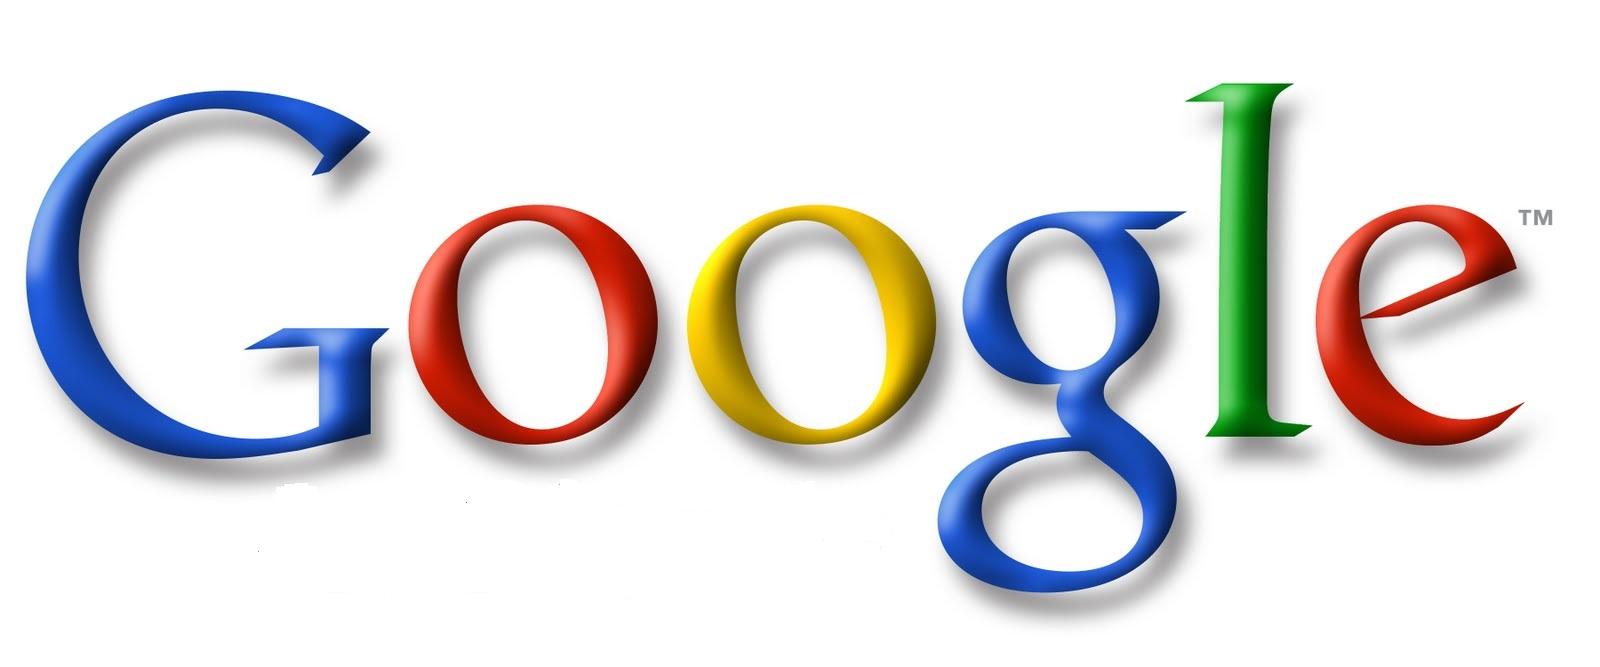 Doxa per Google: motore di ricerca finestra su mondo lavoro